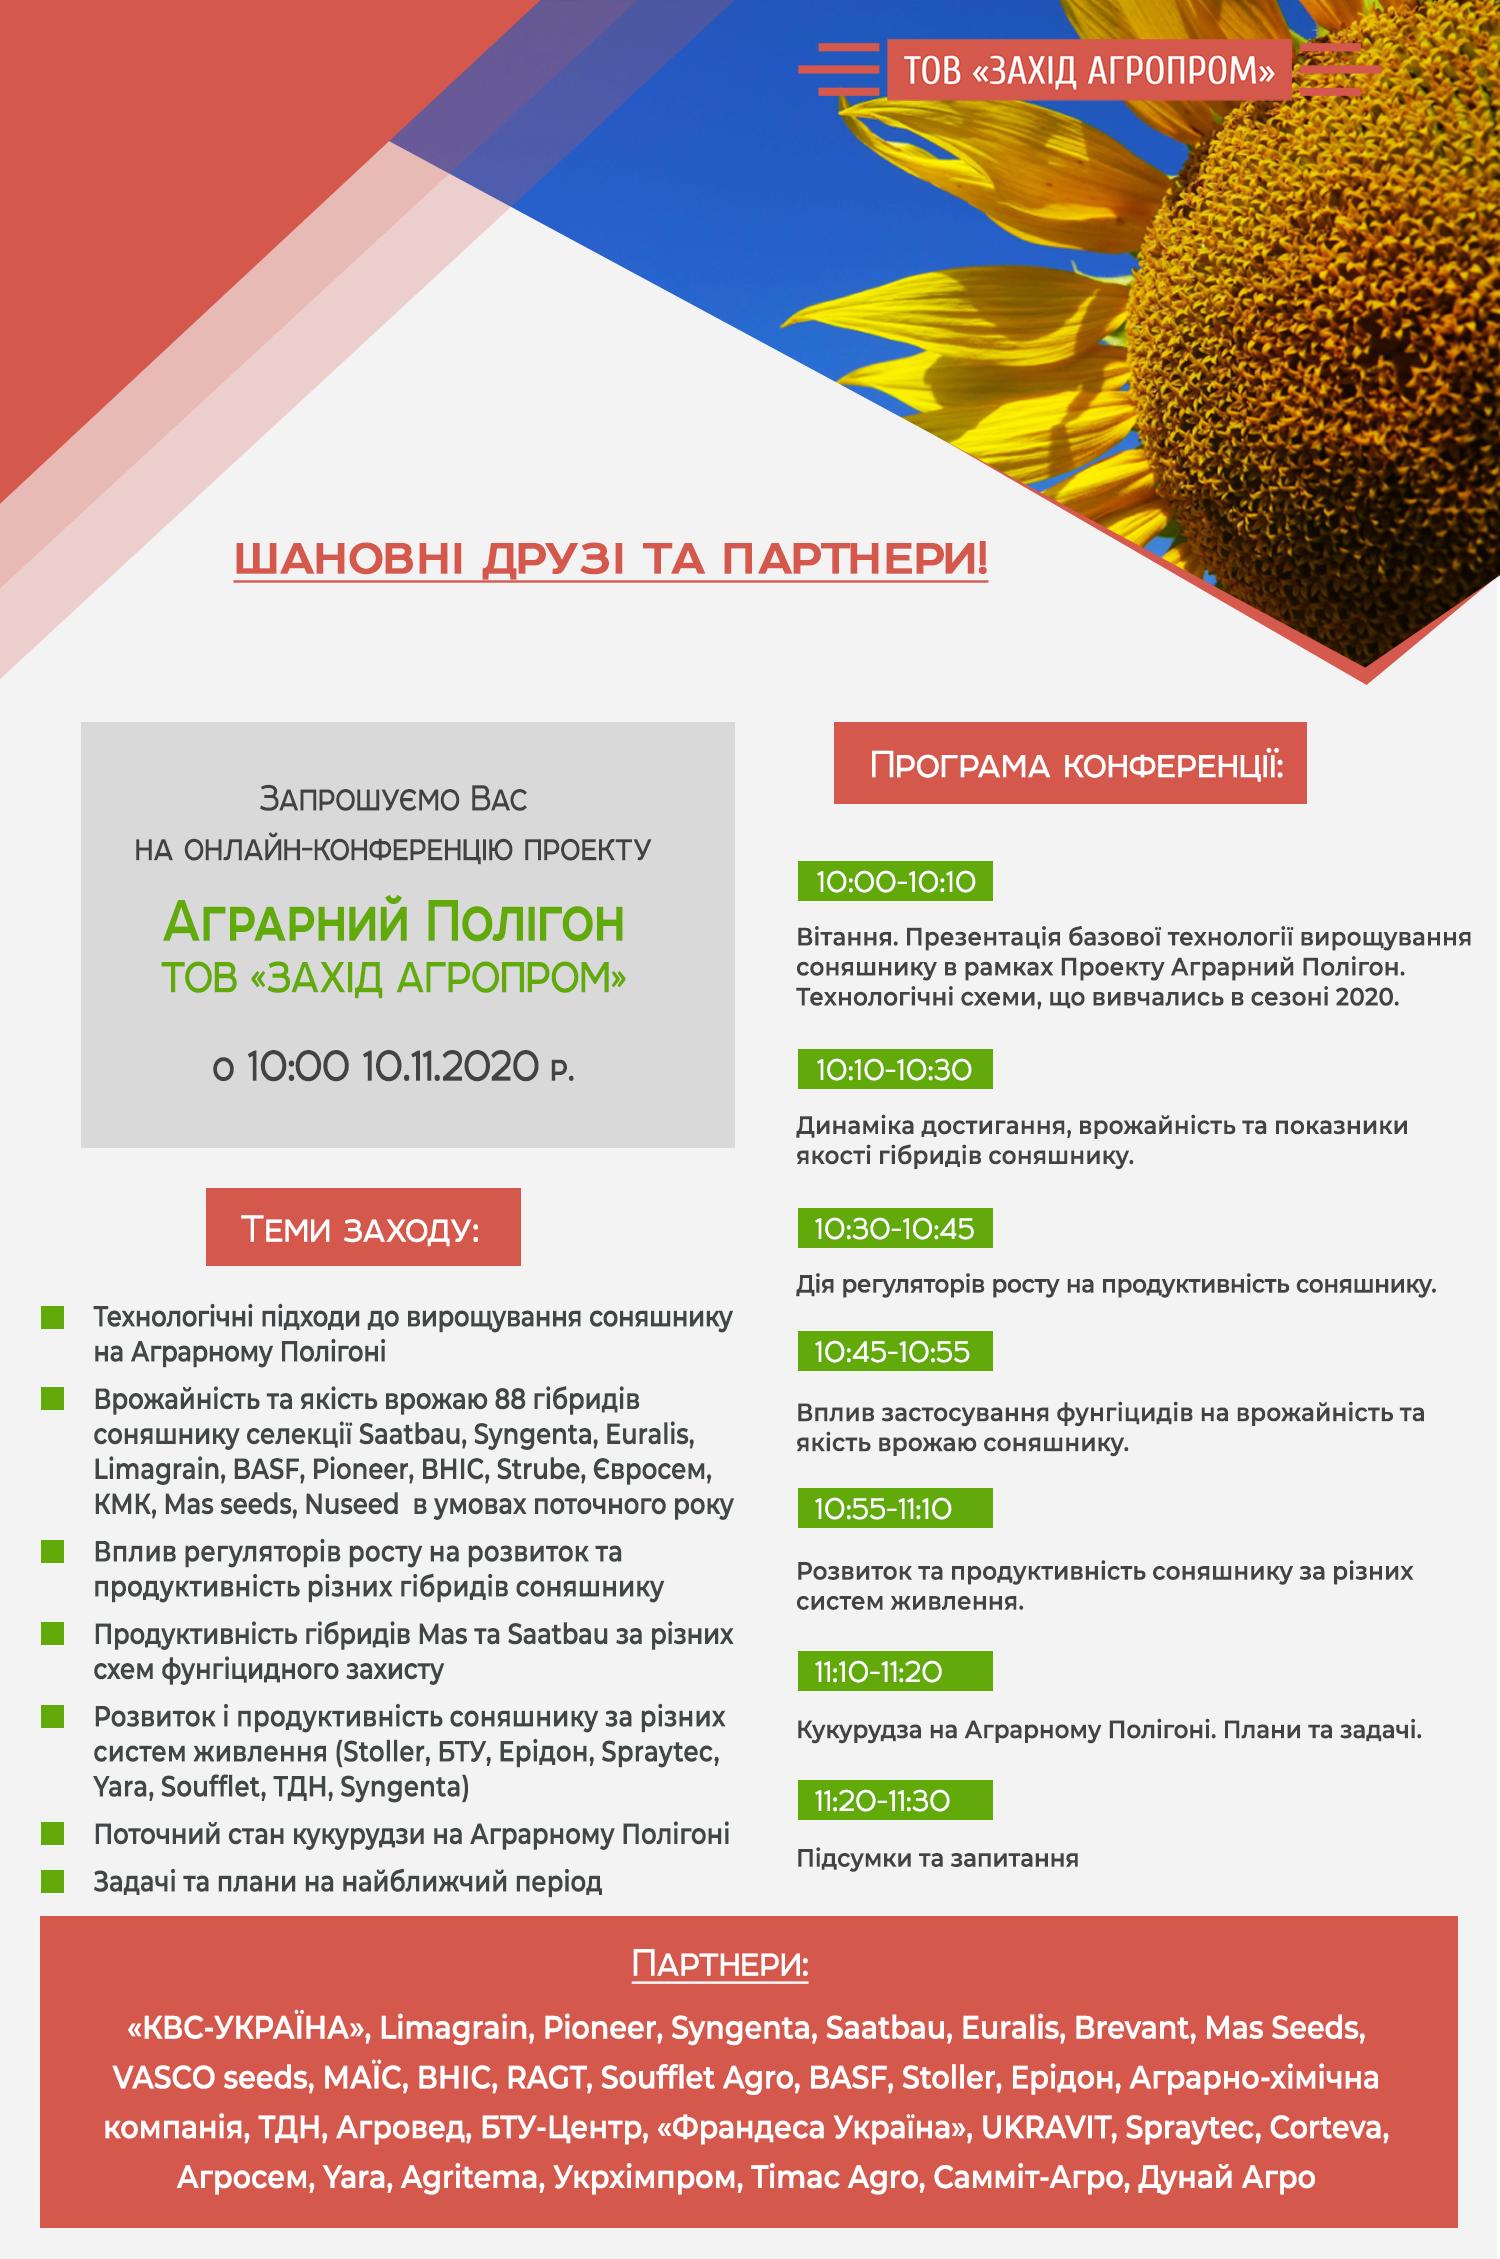 Программа онлайн конференции проекта Аграрный Полигон компании «Захид Агропром» по подсолнечнику и кукурузе (кликните для увеличения)